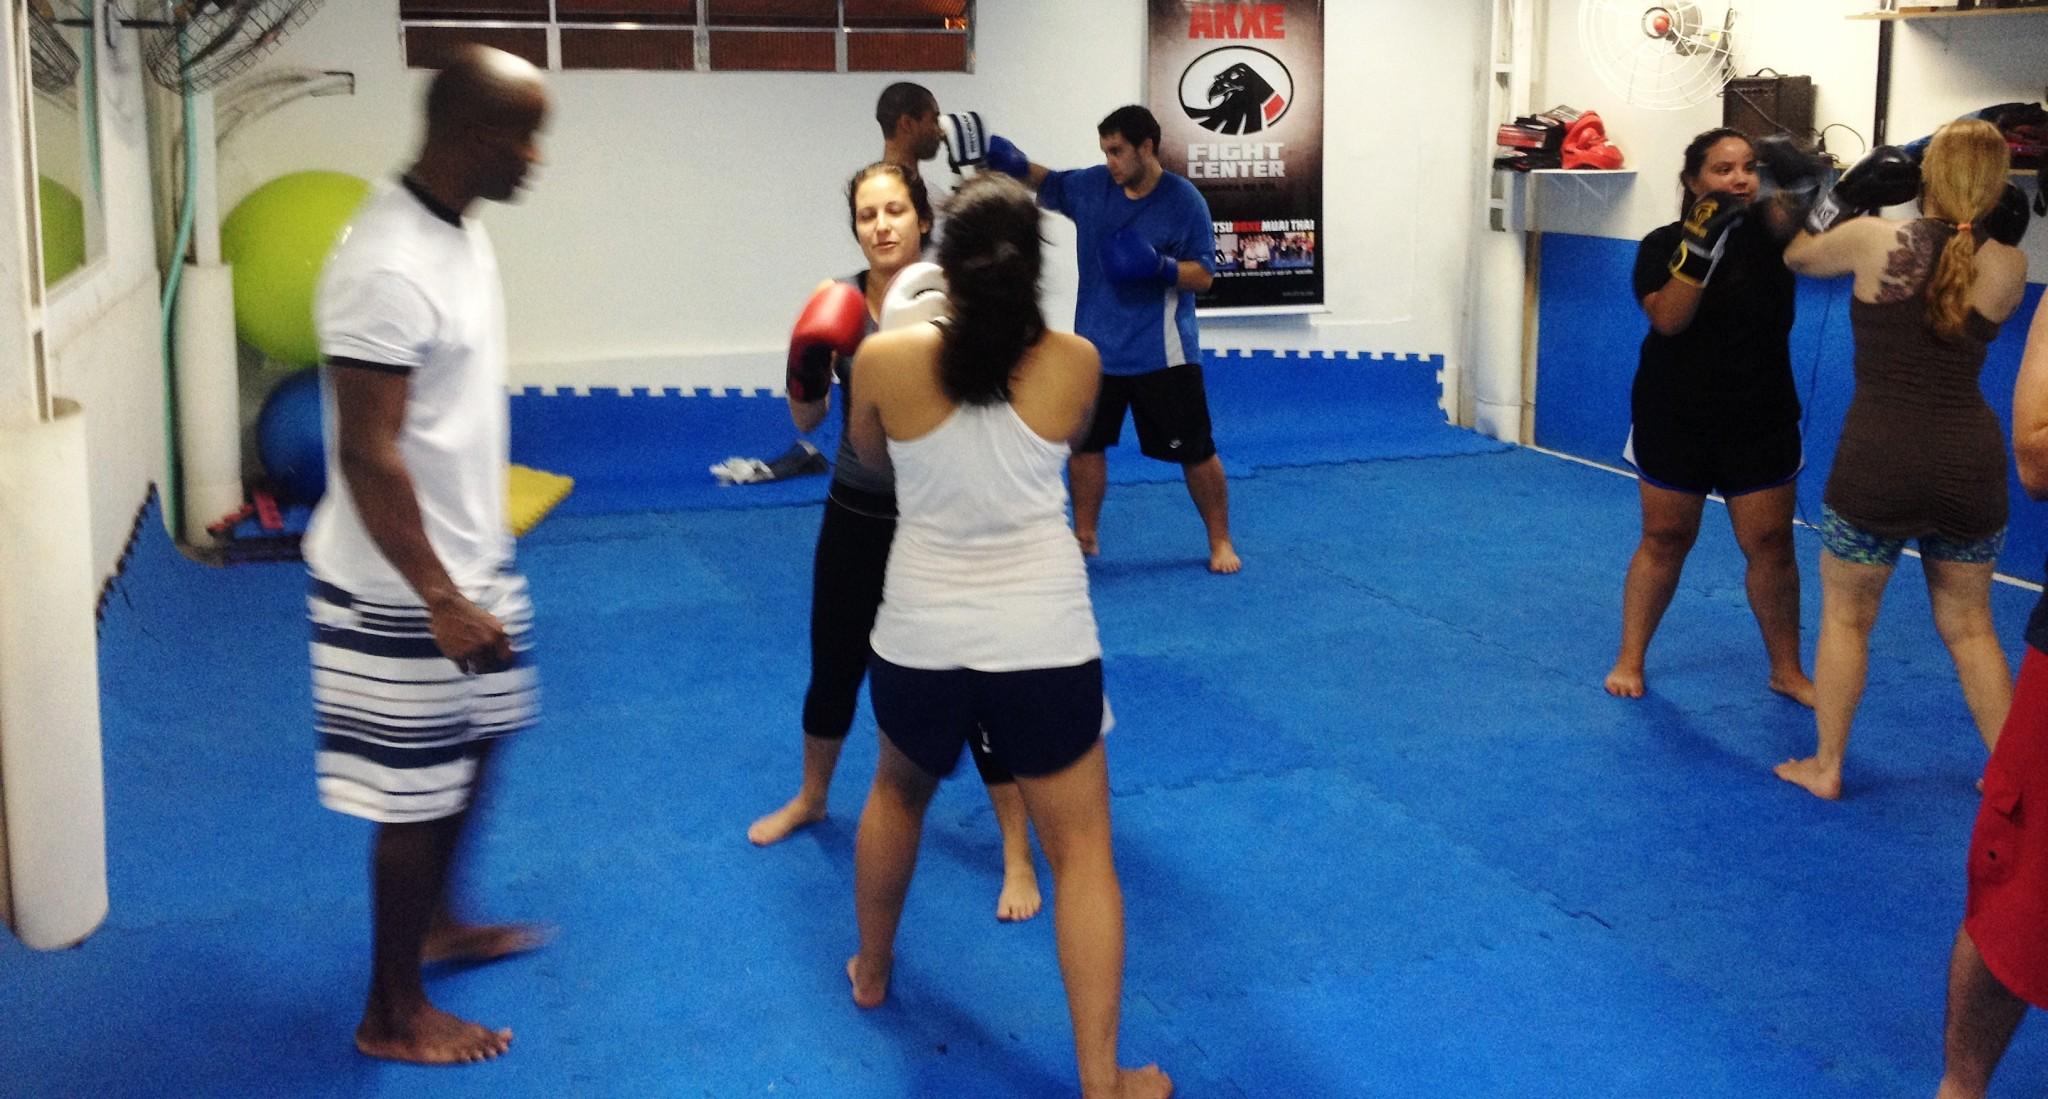 boxe-botafogo-luciano-master-lutas-12